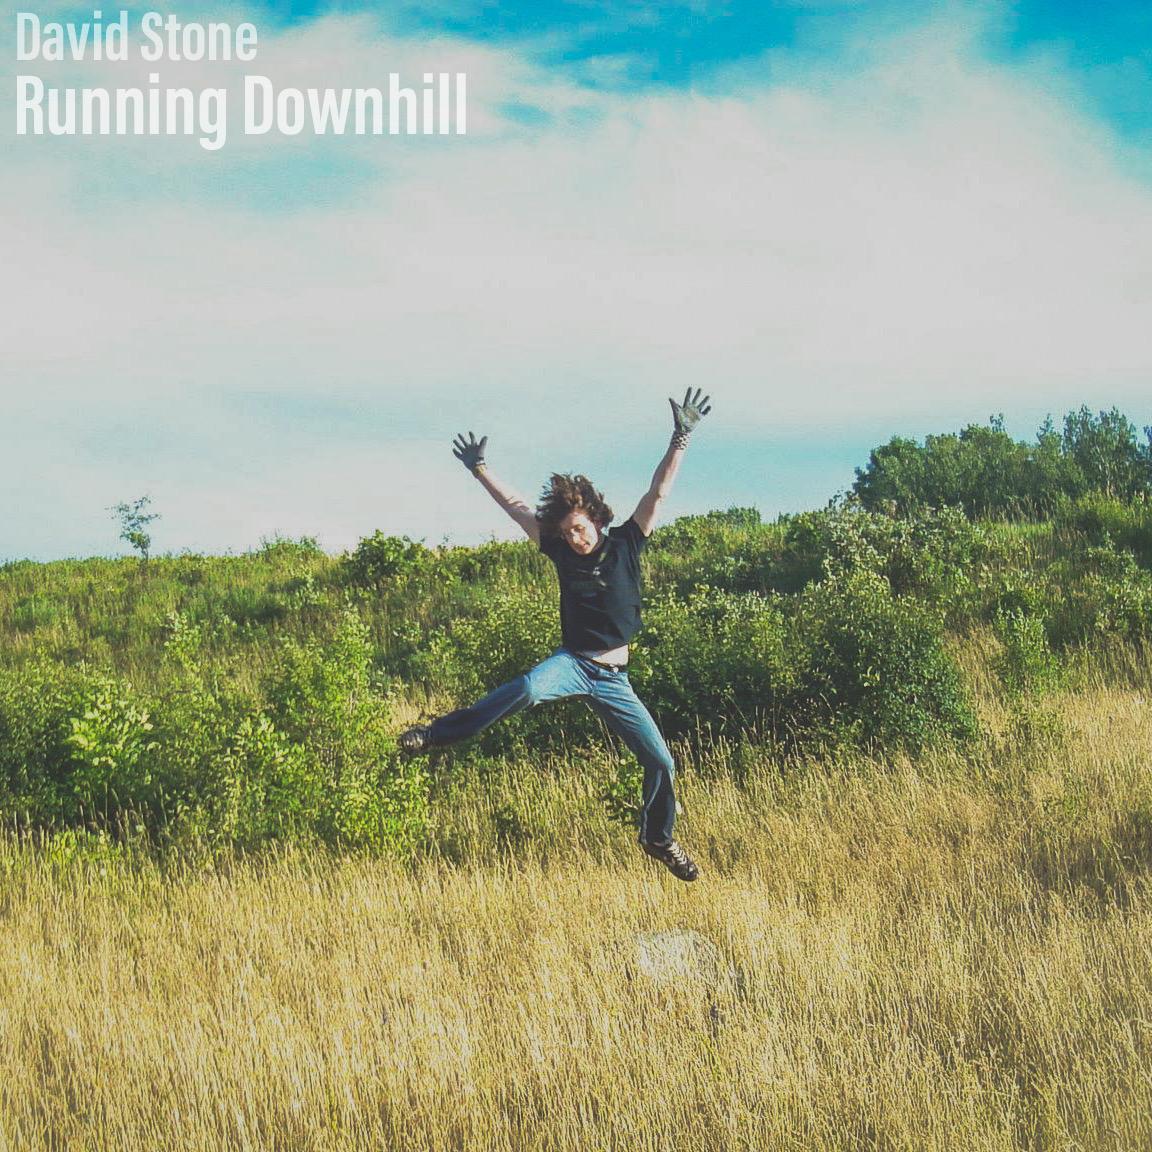 Running Downhill Image